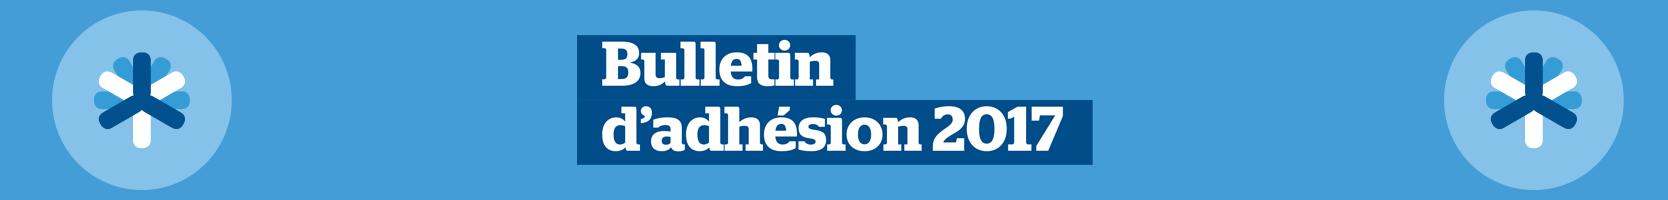 bulletin adhésion 2017